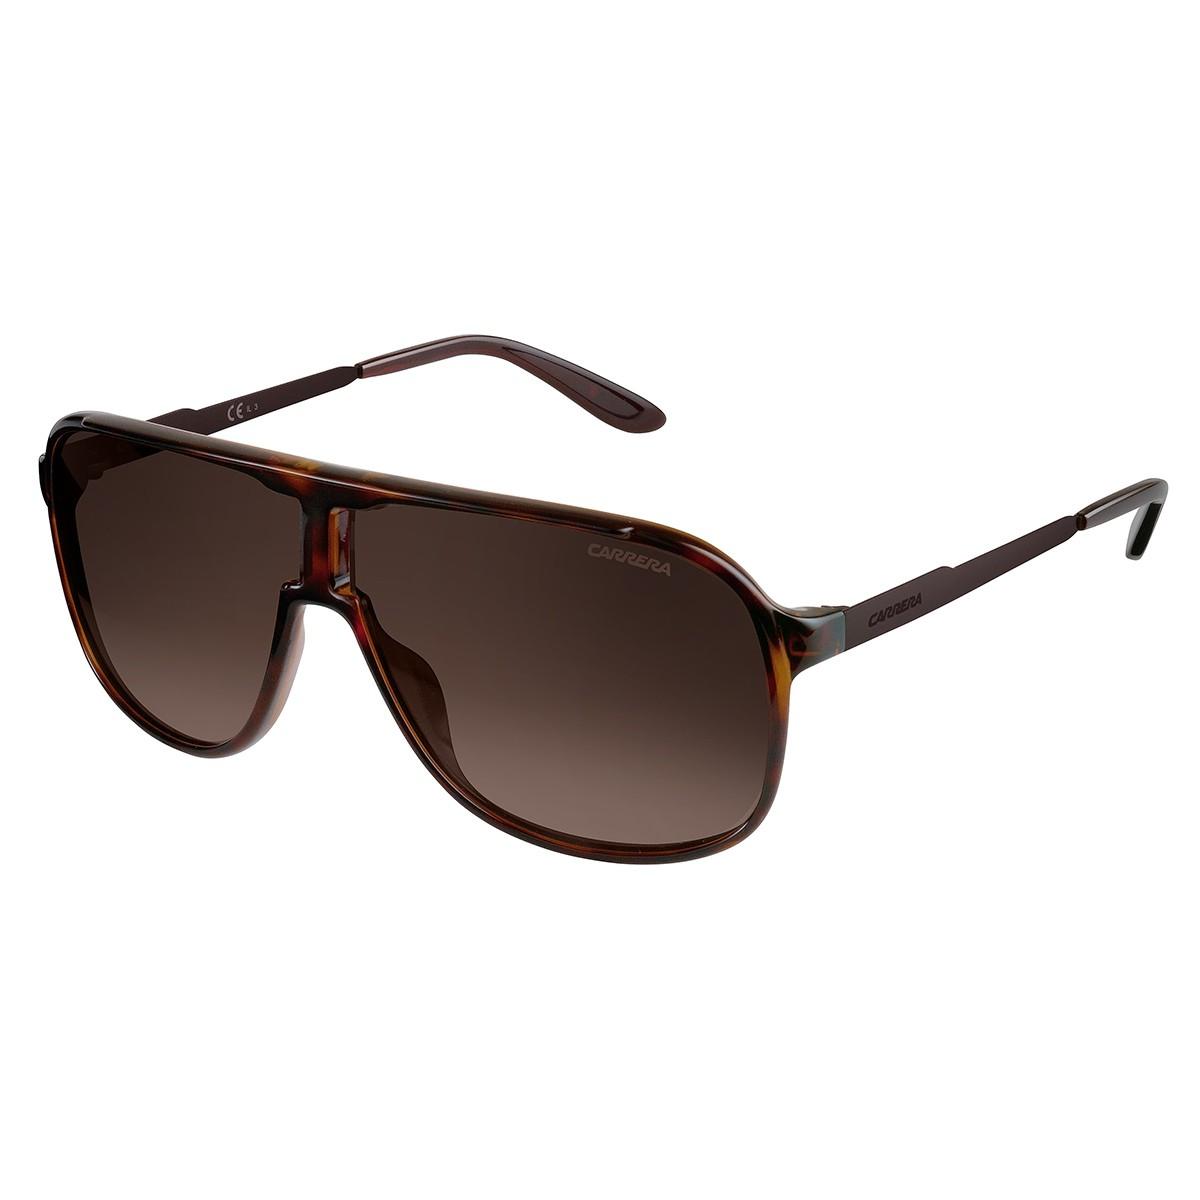 969e0c4dd8eff Compre Óculos de Sol Carrera New Safari em 10X